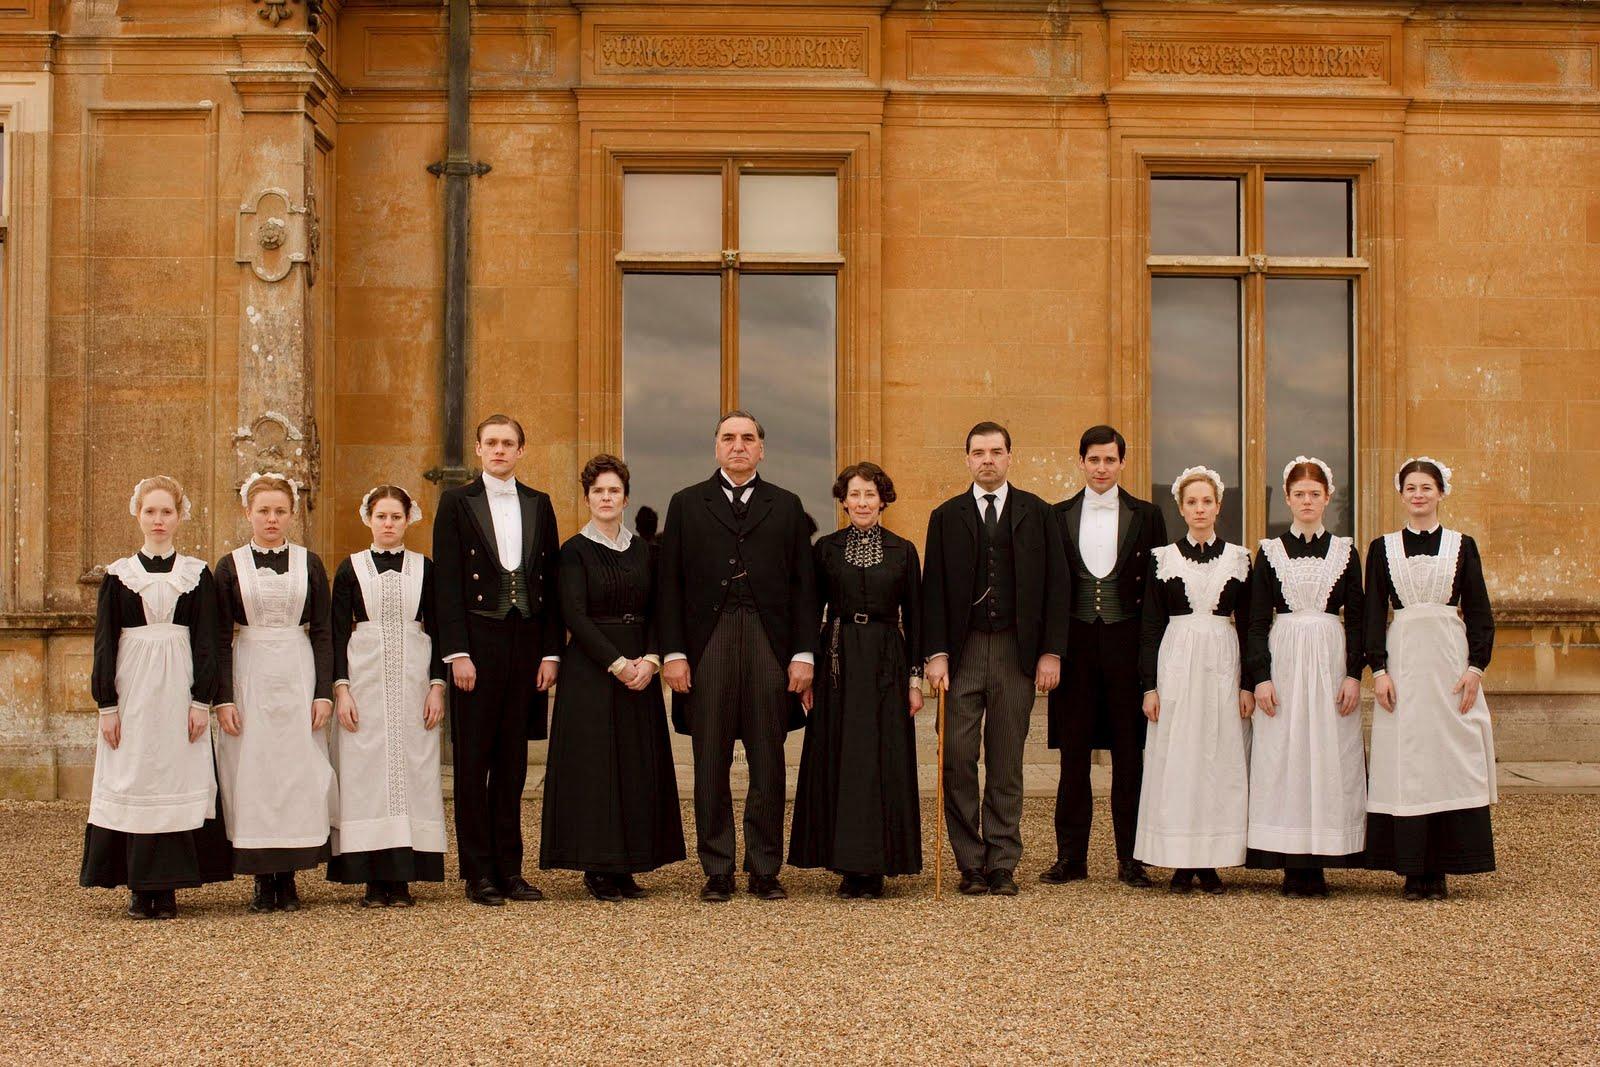 downton abbey butler service